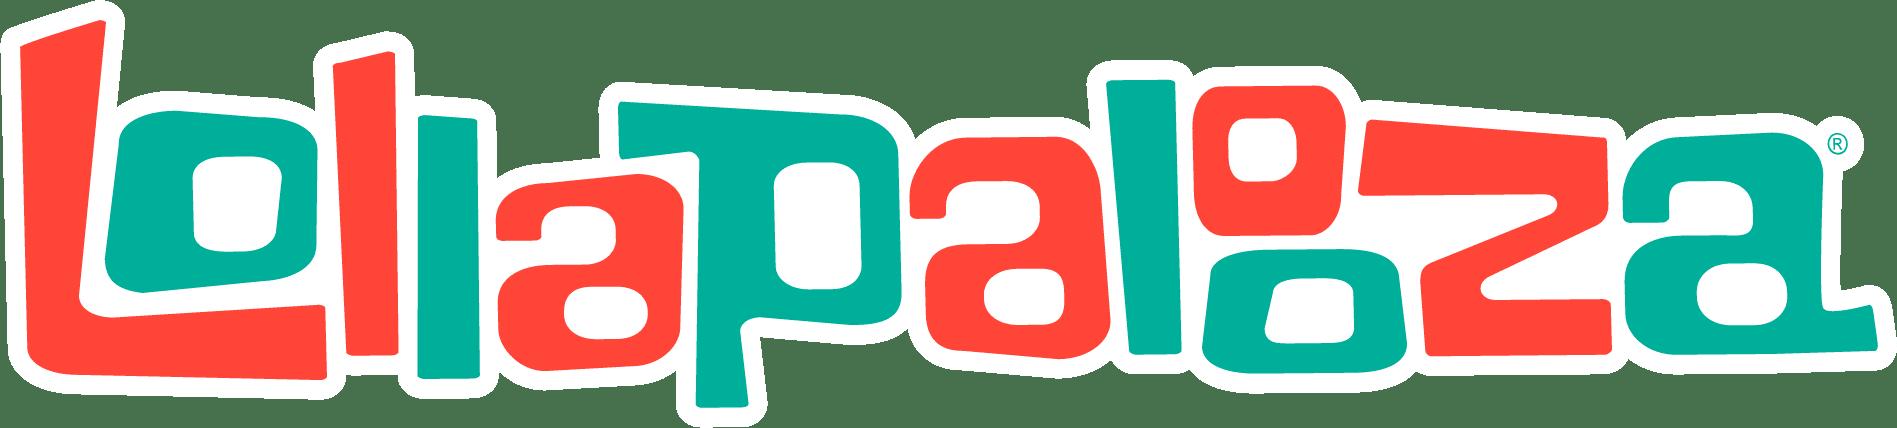 AP-1JYYW2GTH2111-logo